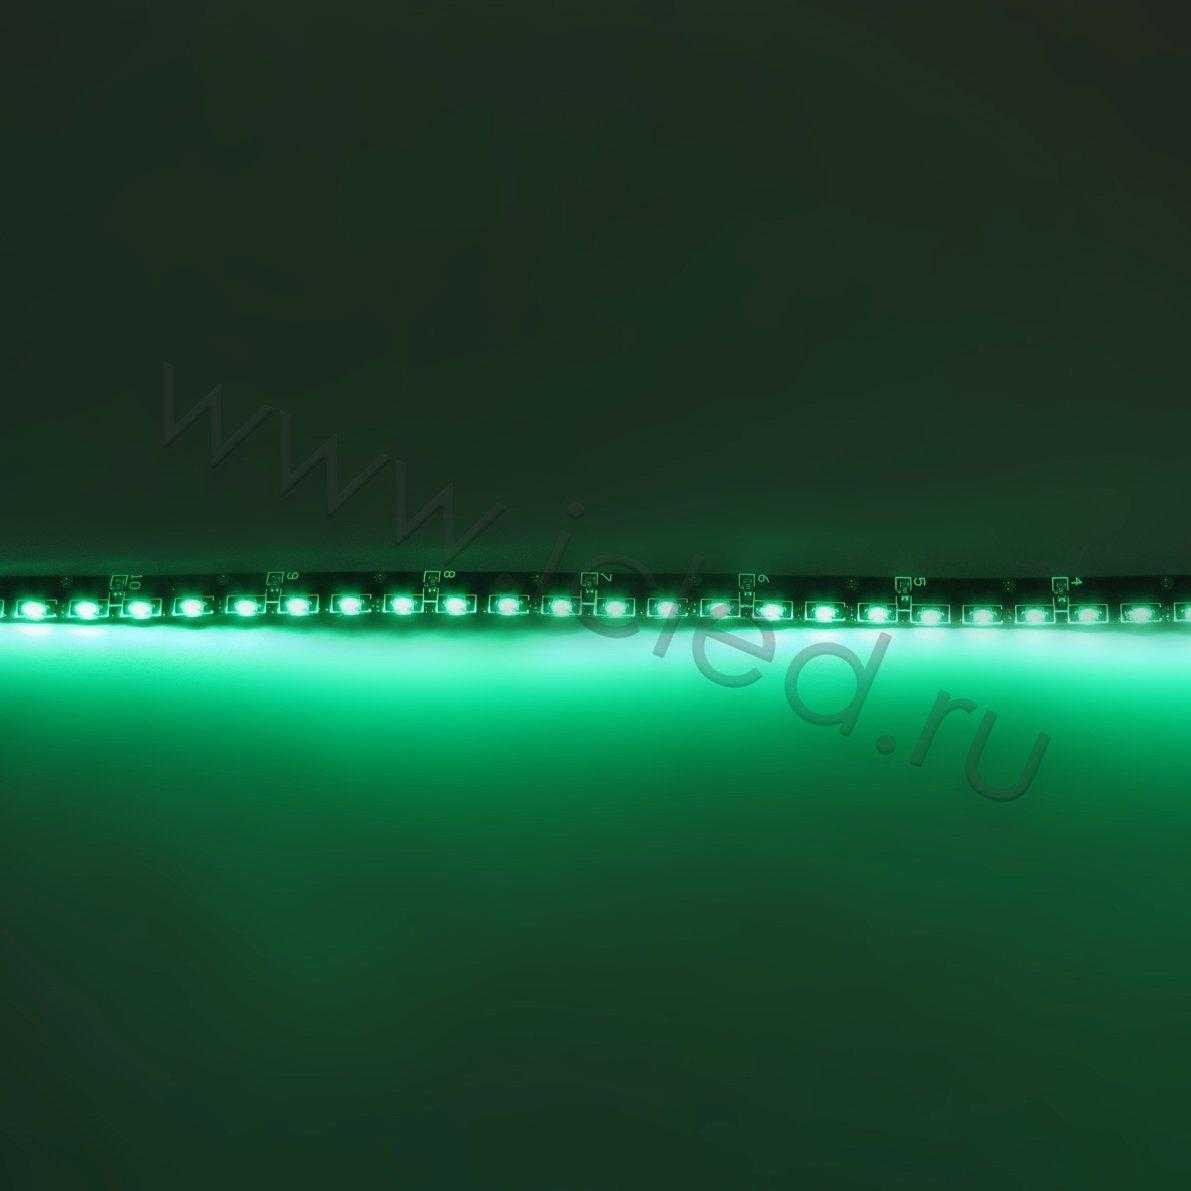 Светодиодная лента Class B, 335, 120 led/m, Green,12V, IP65